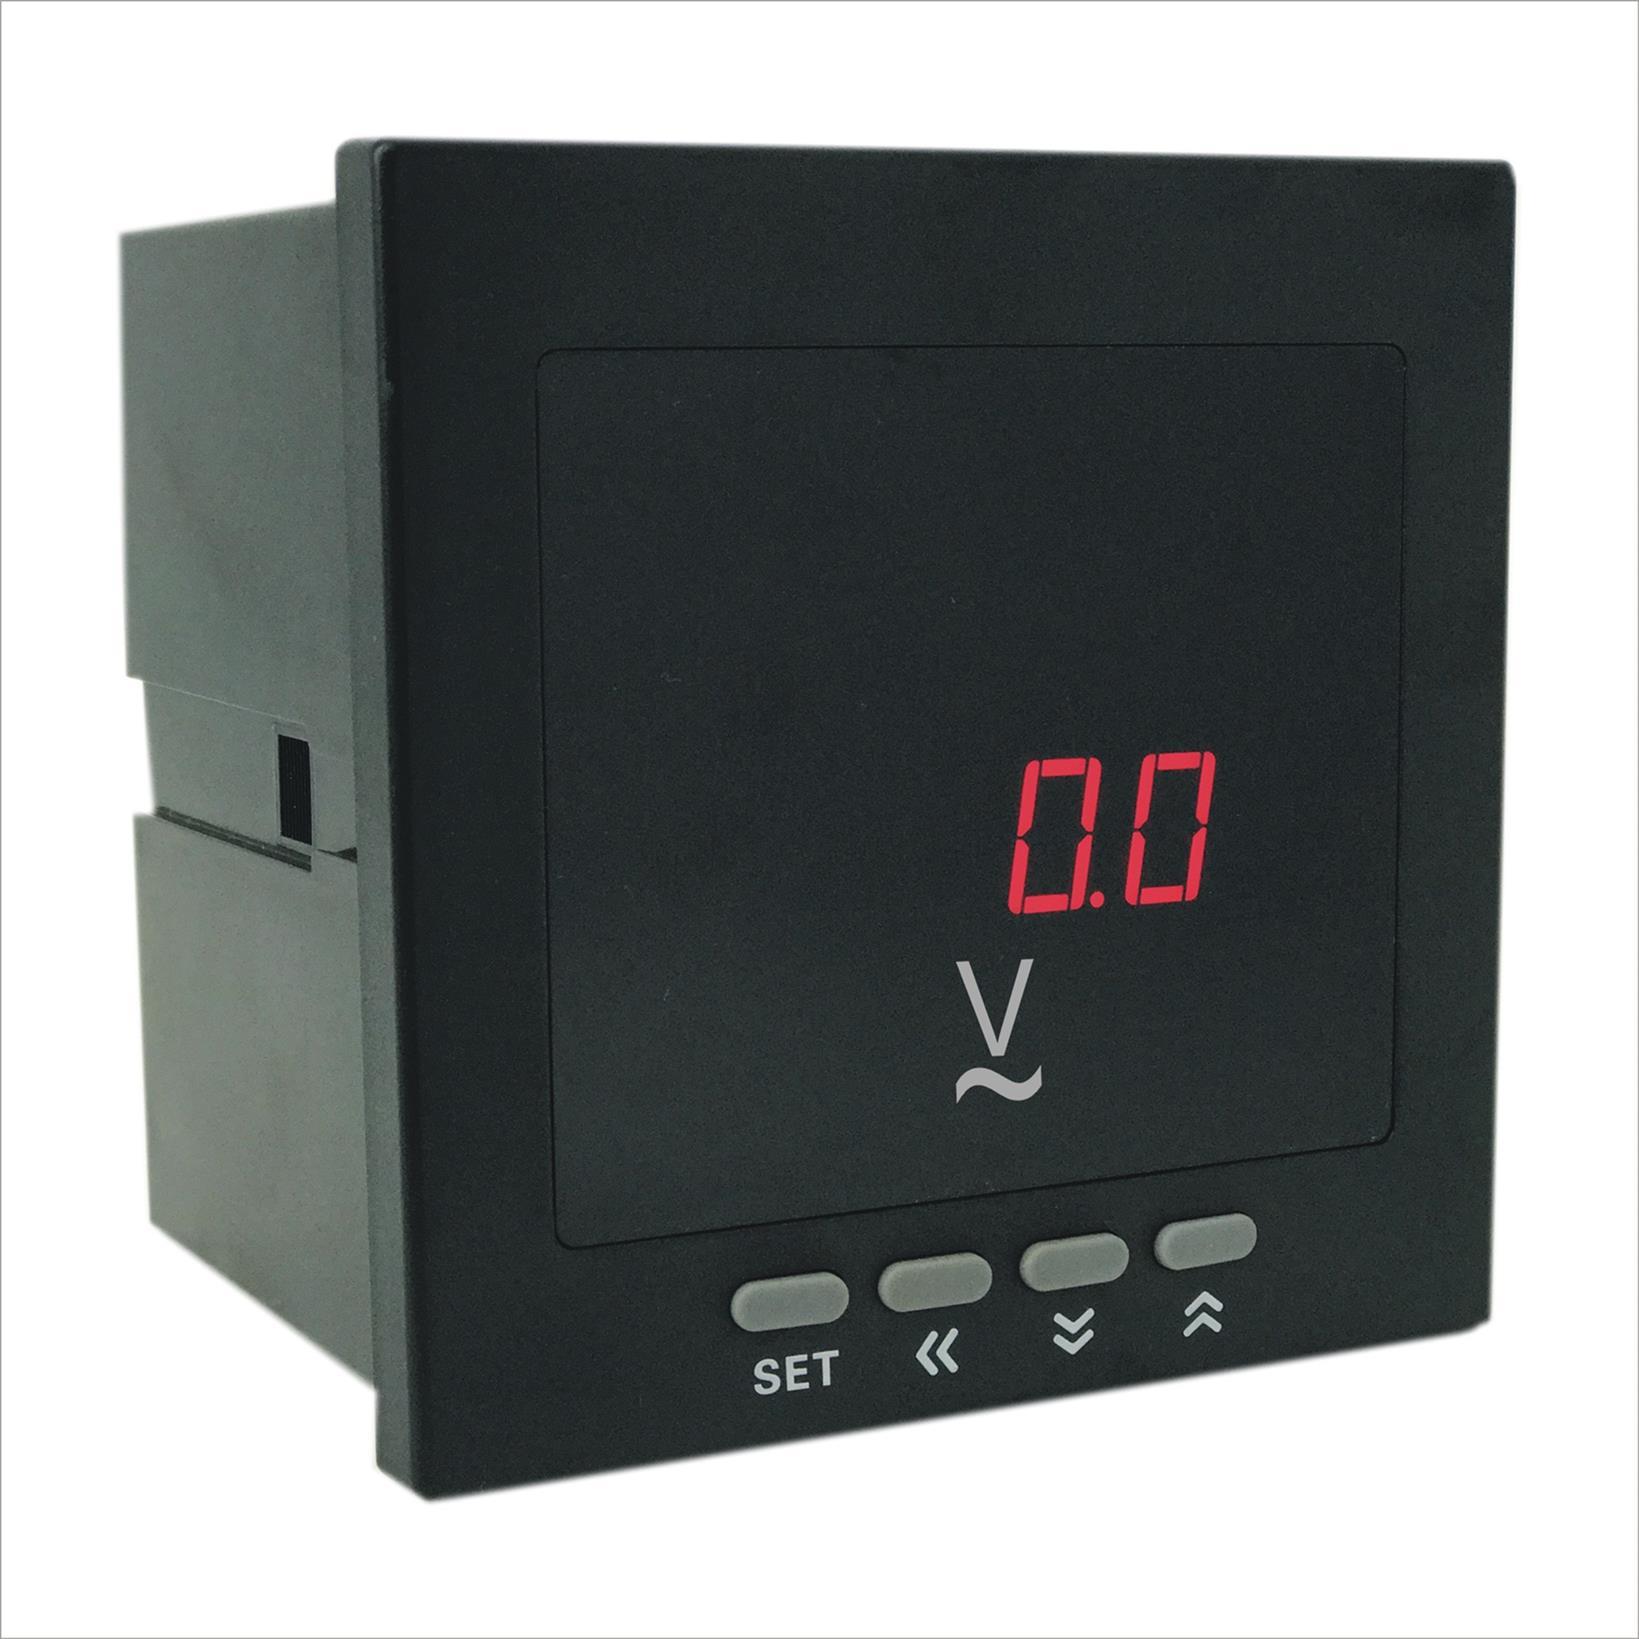 奥宾AOB184U-5K1数显电压表特点